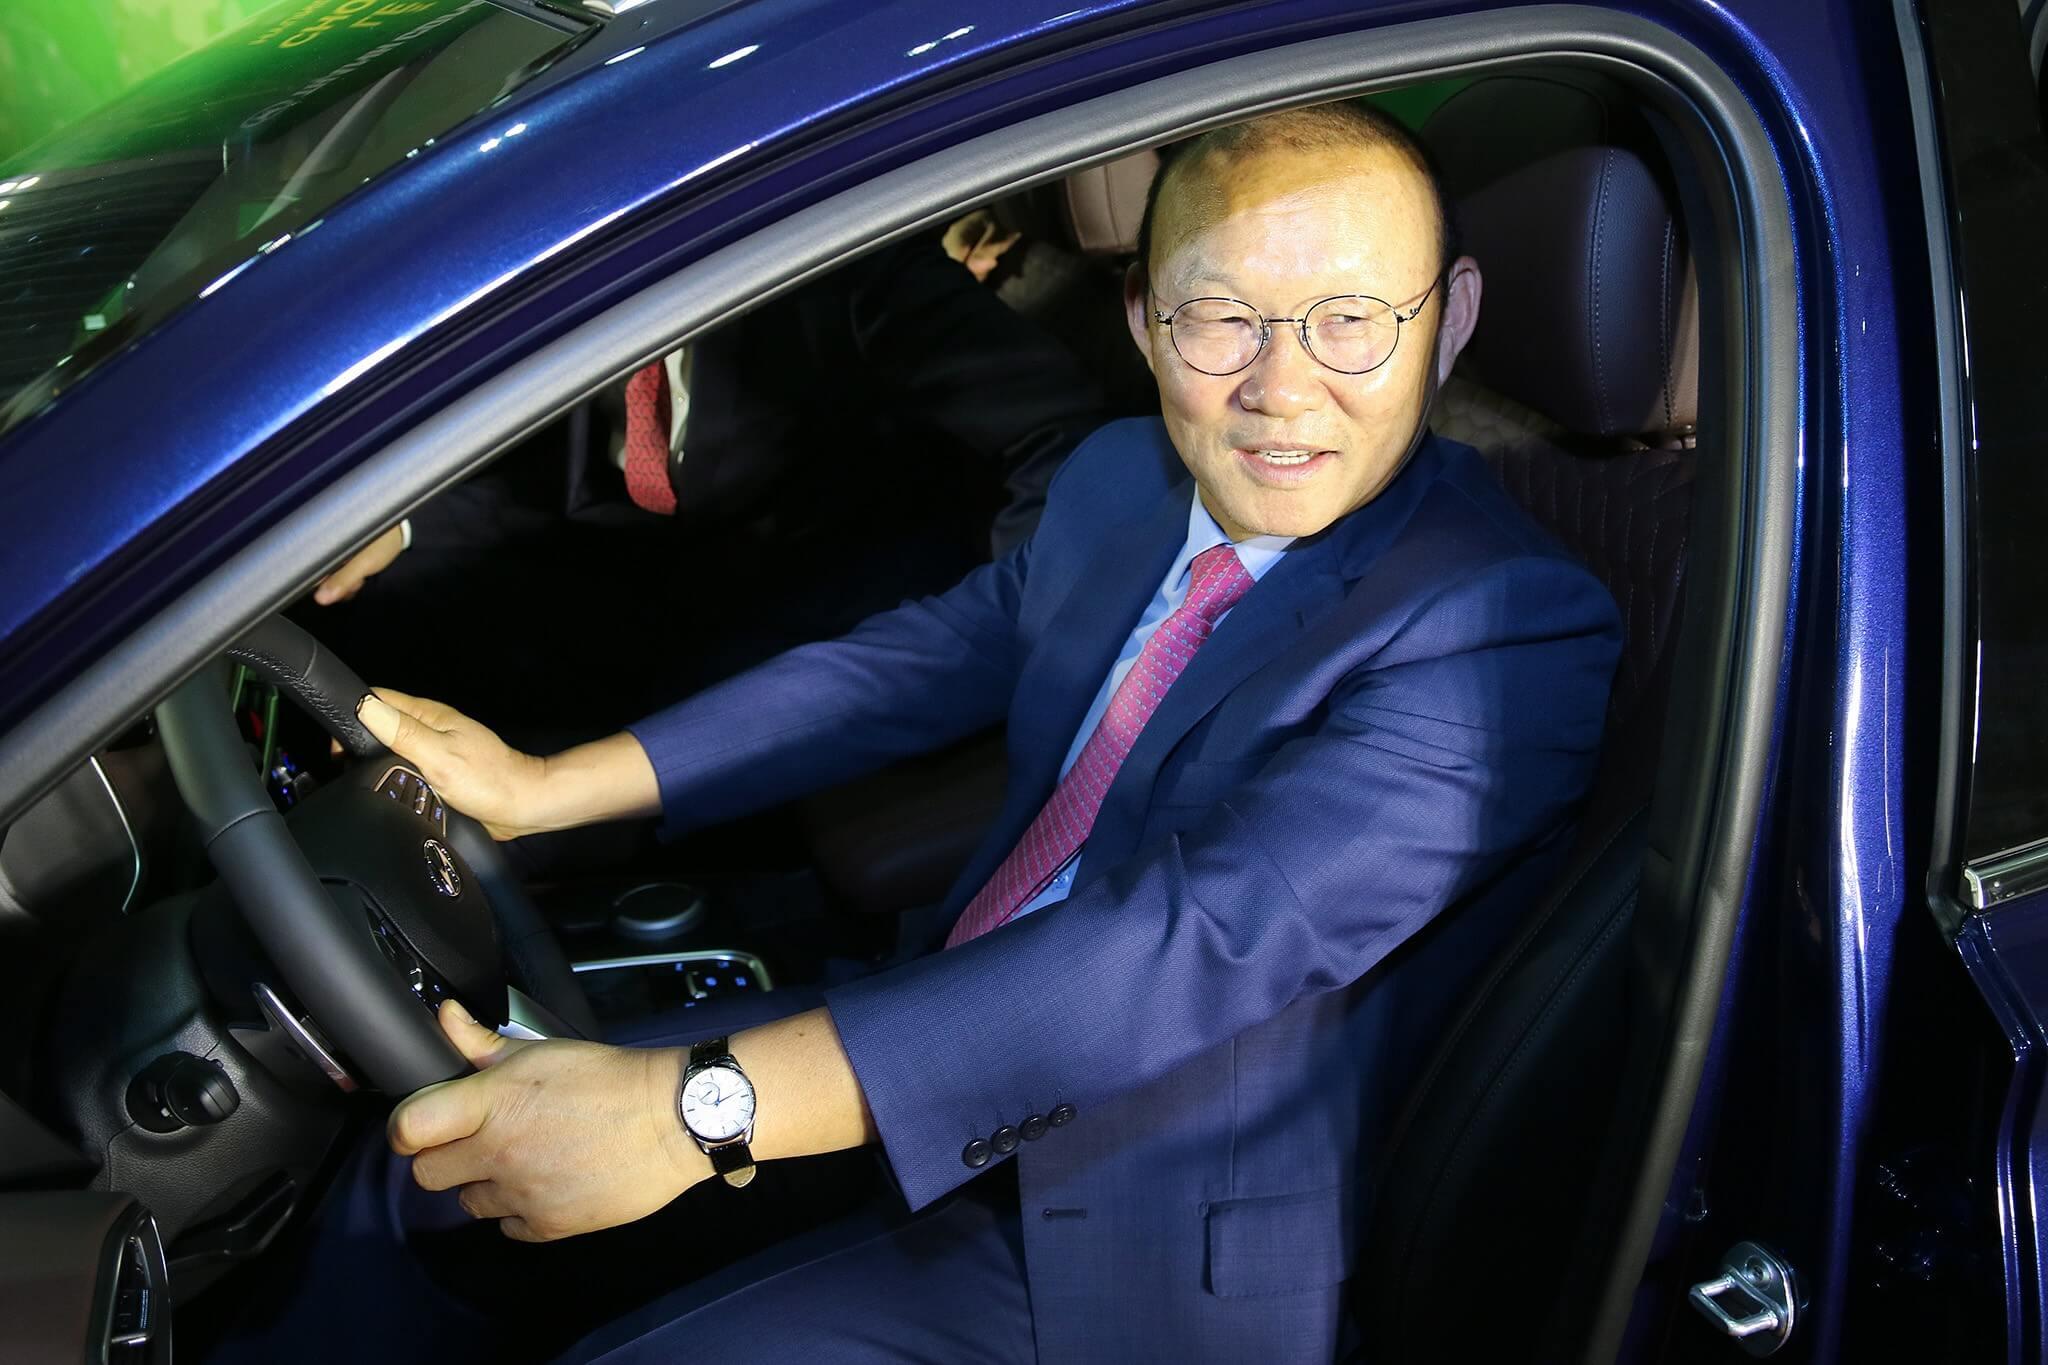 HLV Park Hang Seo trải nghiệm phần quà là chiếc Hyundai SantaFe thế hệ mới phiên bản cao cấp.